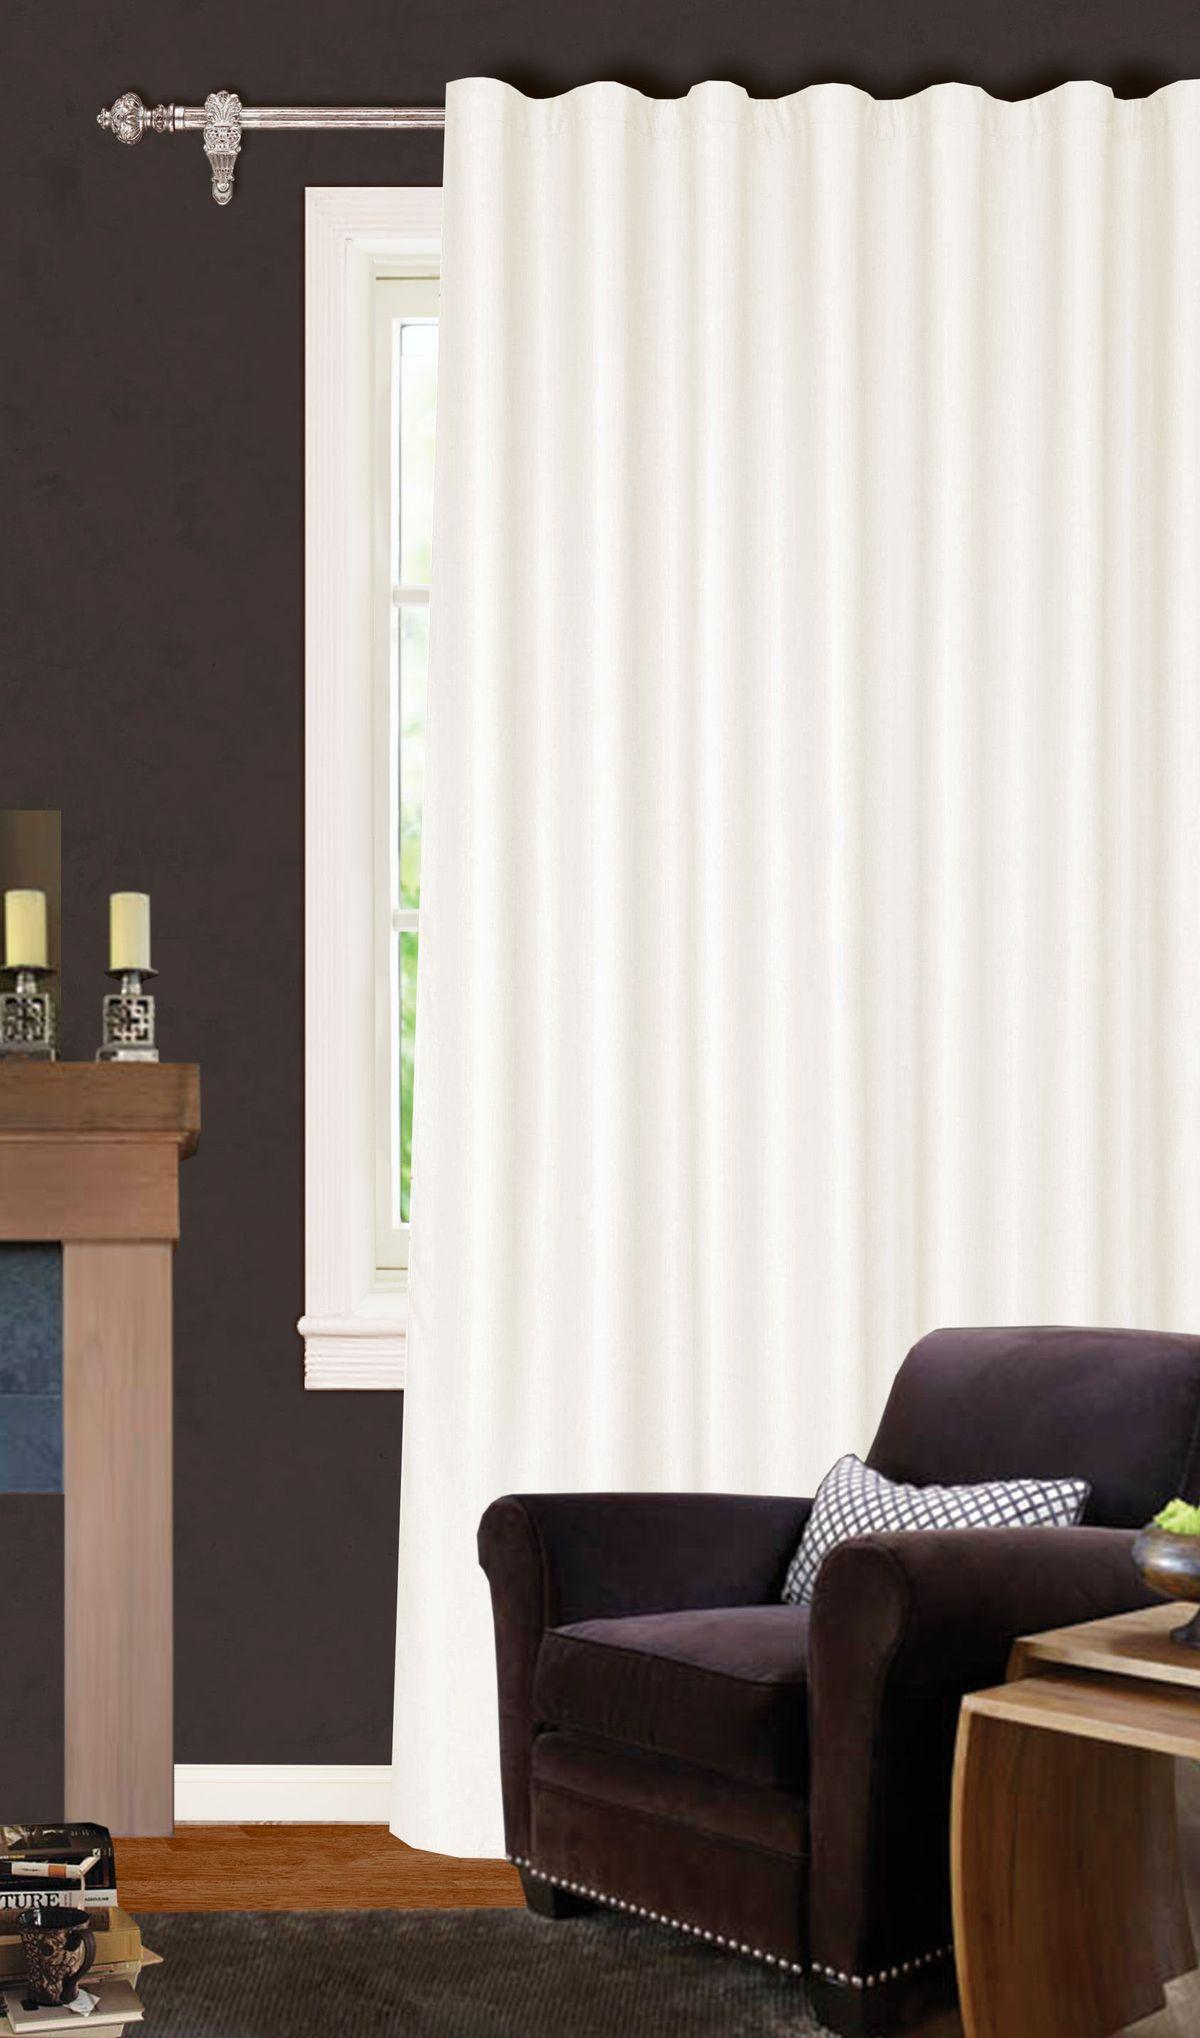 Штора Garden, на ленте, цвет: экрю, высота 260 см. С W1223 V71173С W1223 V71173Изящная штора для гостиной Garden выполнена из ткани с оригинальной структурой. Приятная текстура и цвет штор привлекут к себе внимание и органично впишутся в интерьер помещения. Штора крепится на карниз при помощи ленты, которая поможет красиво и равномерно задрапировать верх.